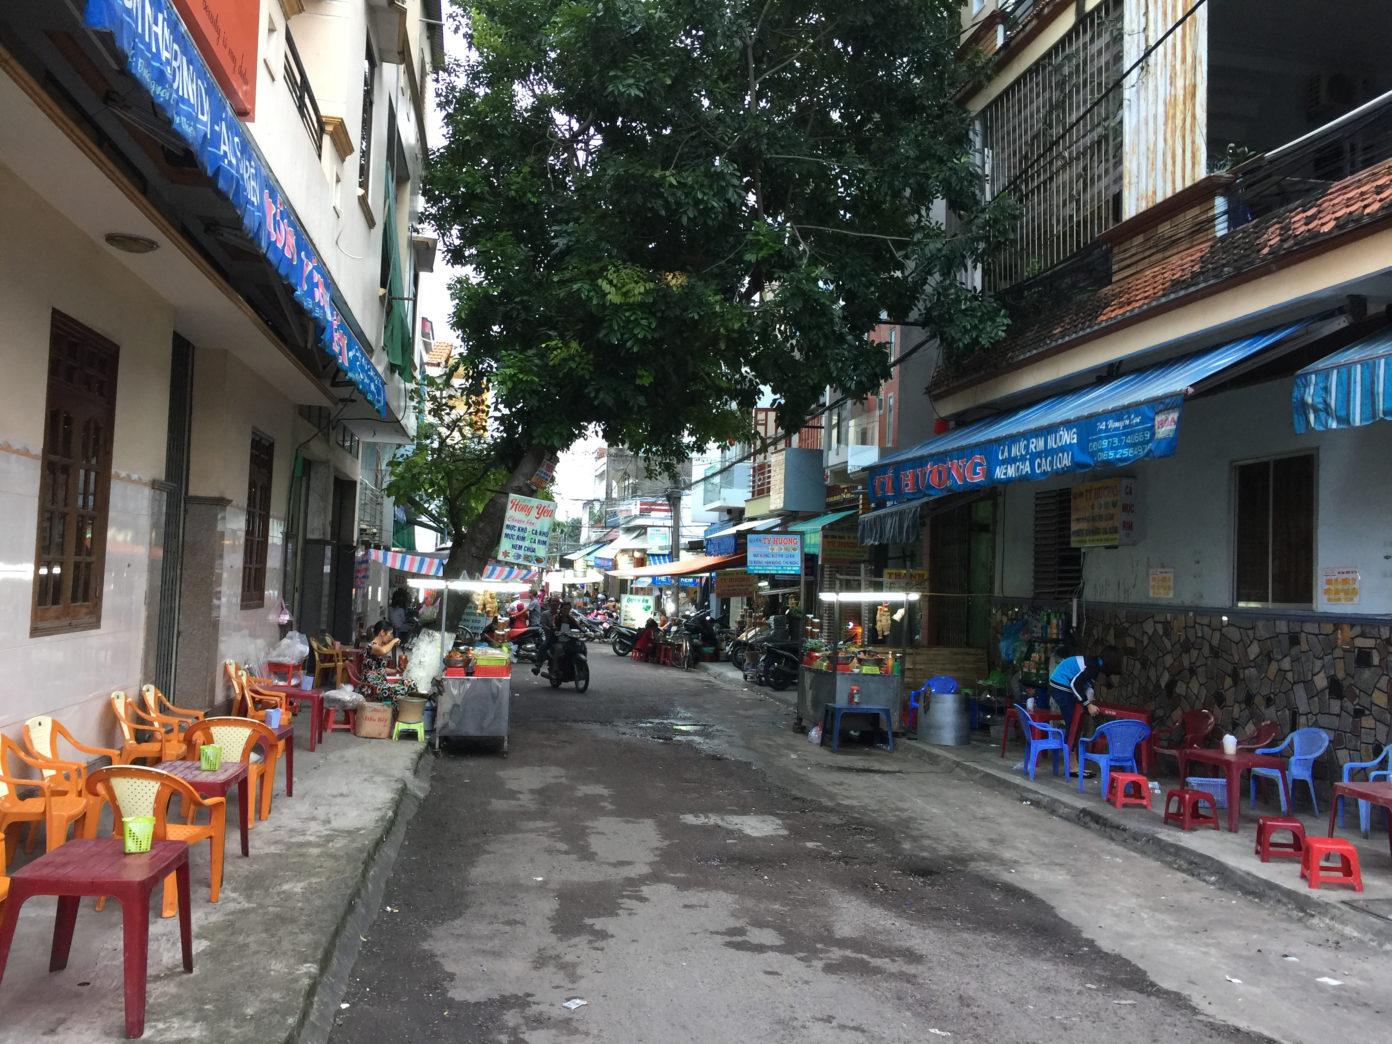 Phố ẩm thực Quy Nhơn tại đường Ngô Văn Sở - Trần Độc